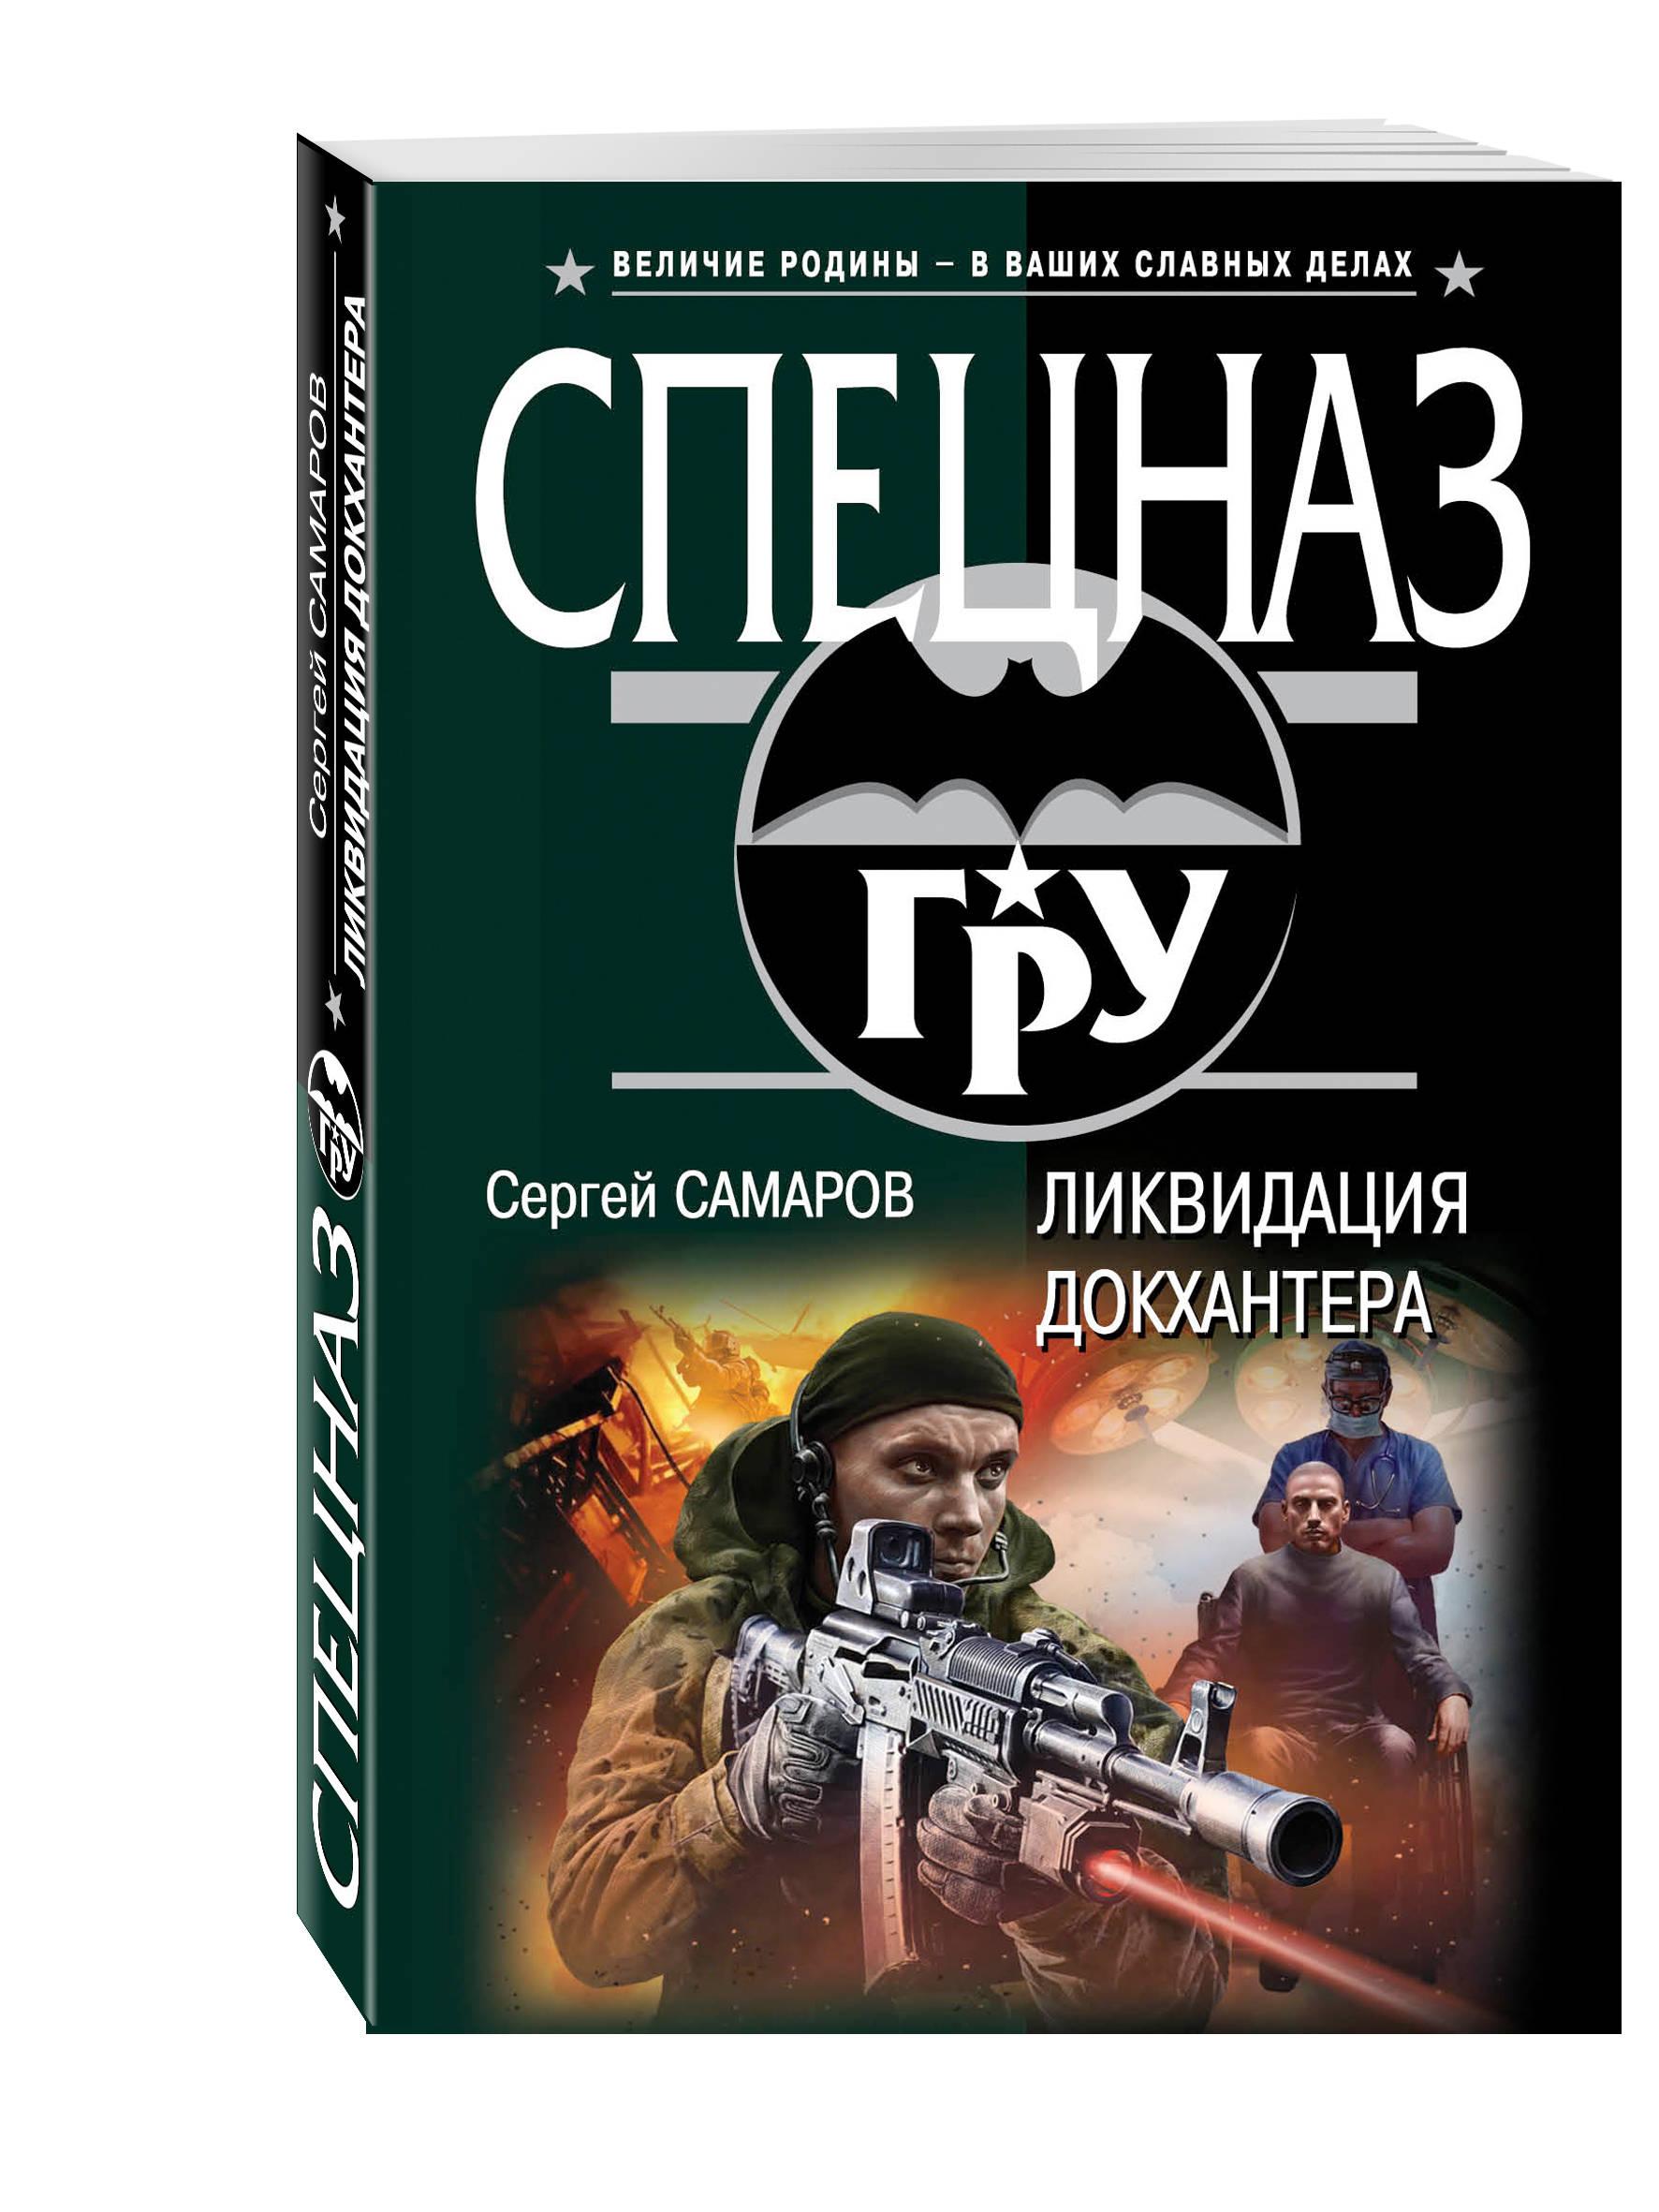 Сергей Самаров Ликвидация Докхантера